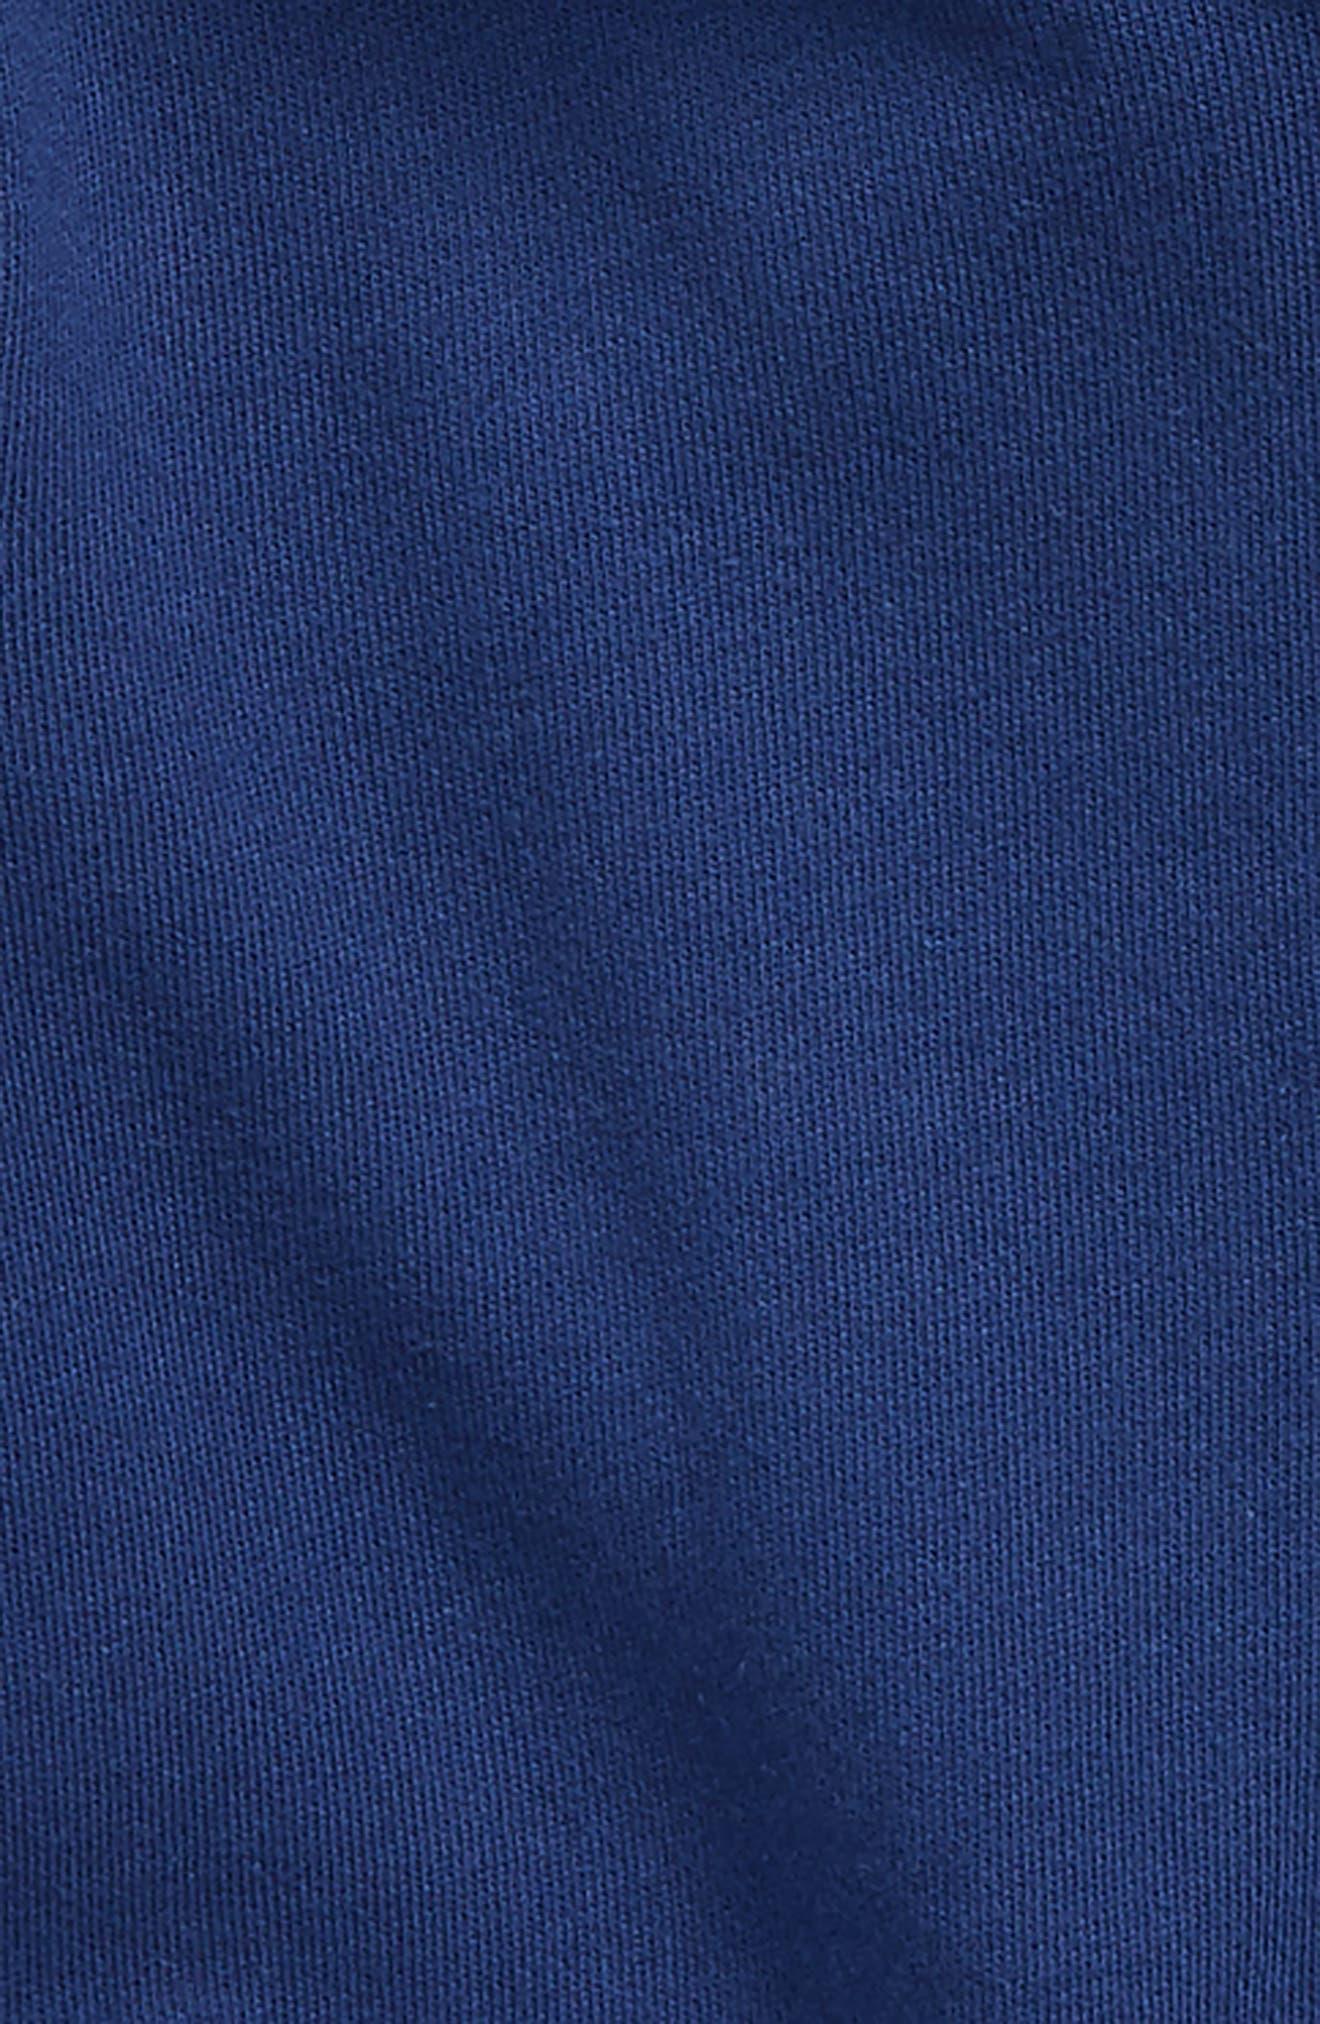 Starry Zip Hoodie,                             Alternate thumbnail 2, color,